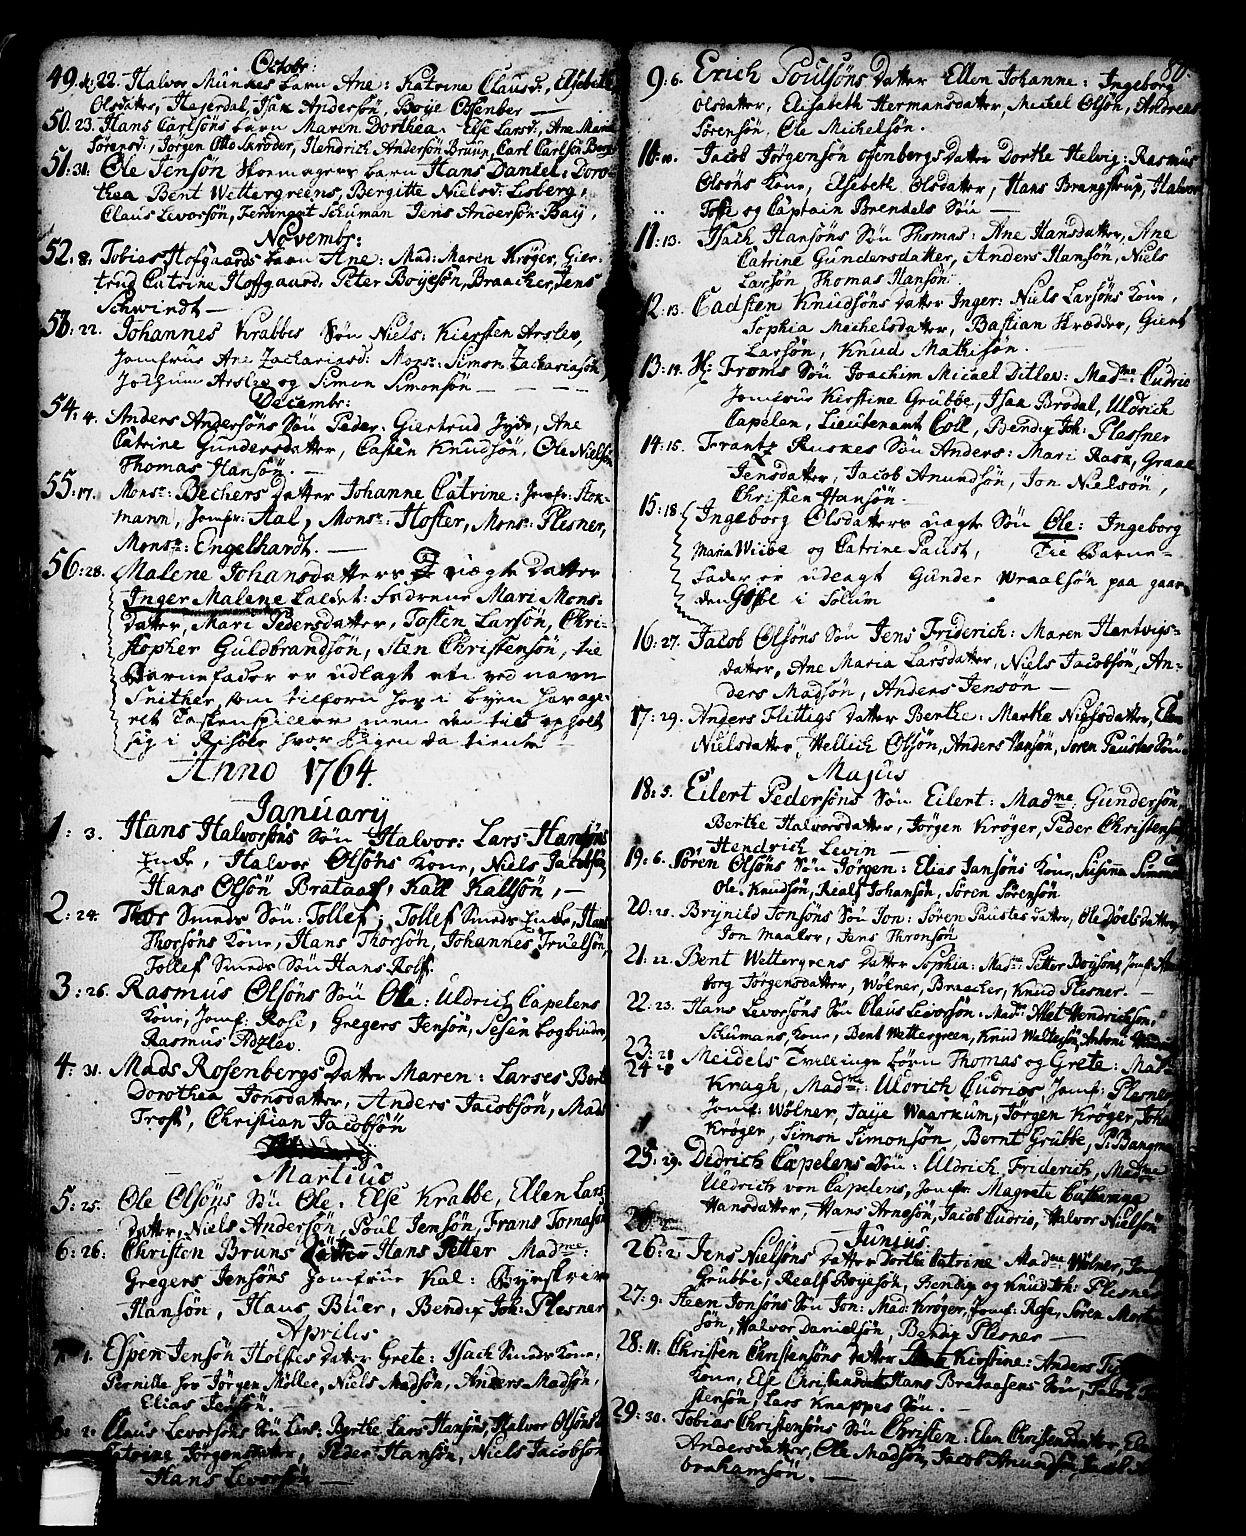 SAKO, Skien kirkebøker, G/Ga/L0001: Klokkerbok nr. 1, 1756-1791, s. 80